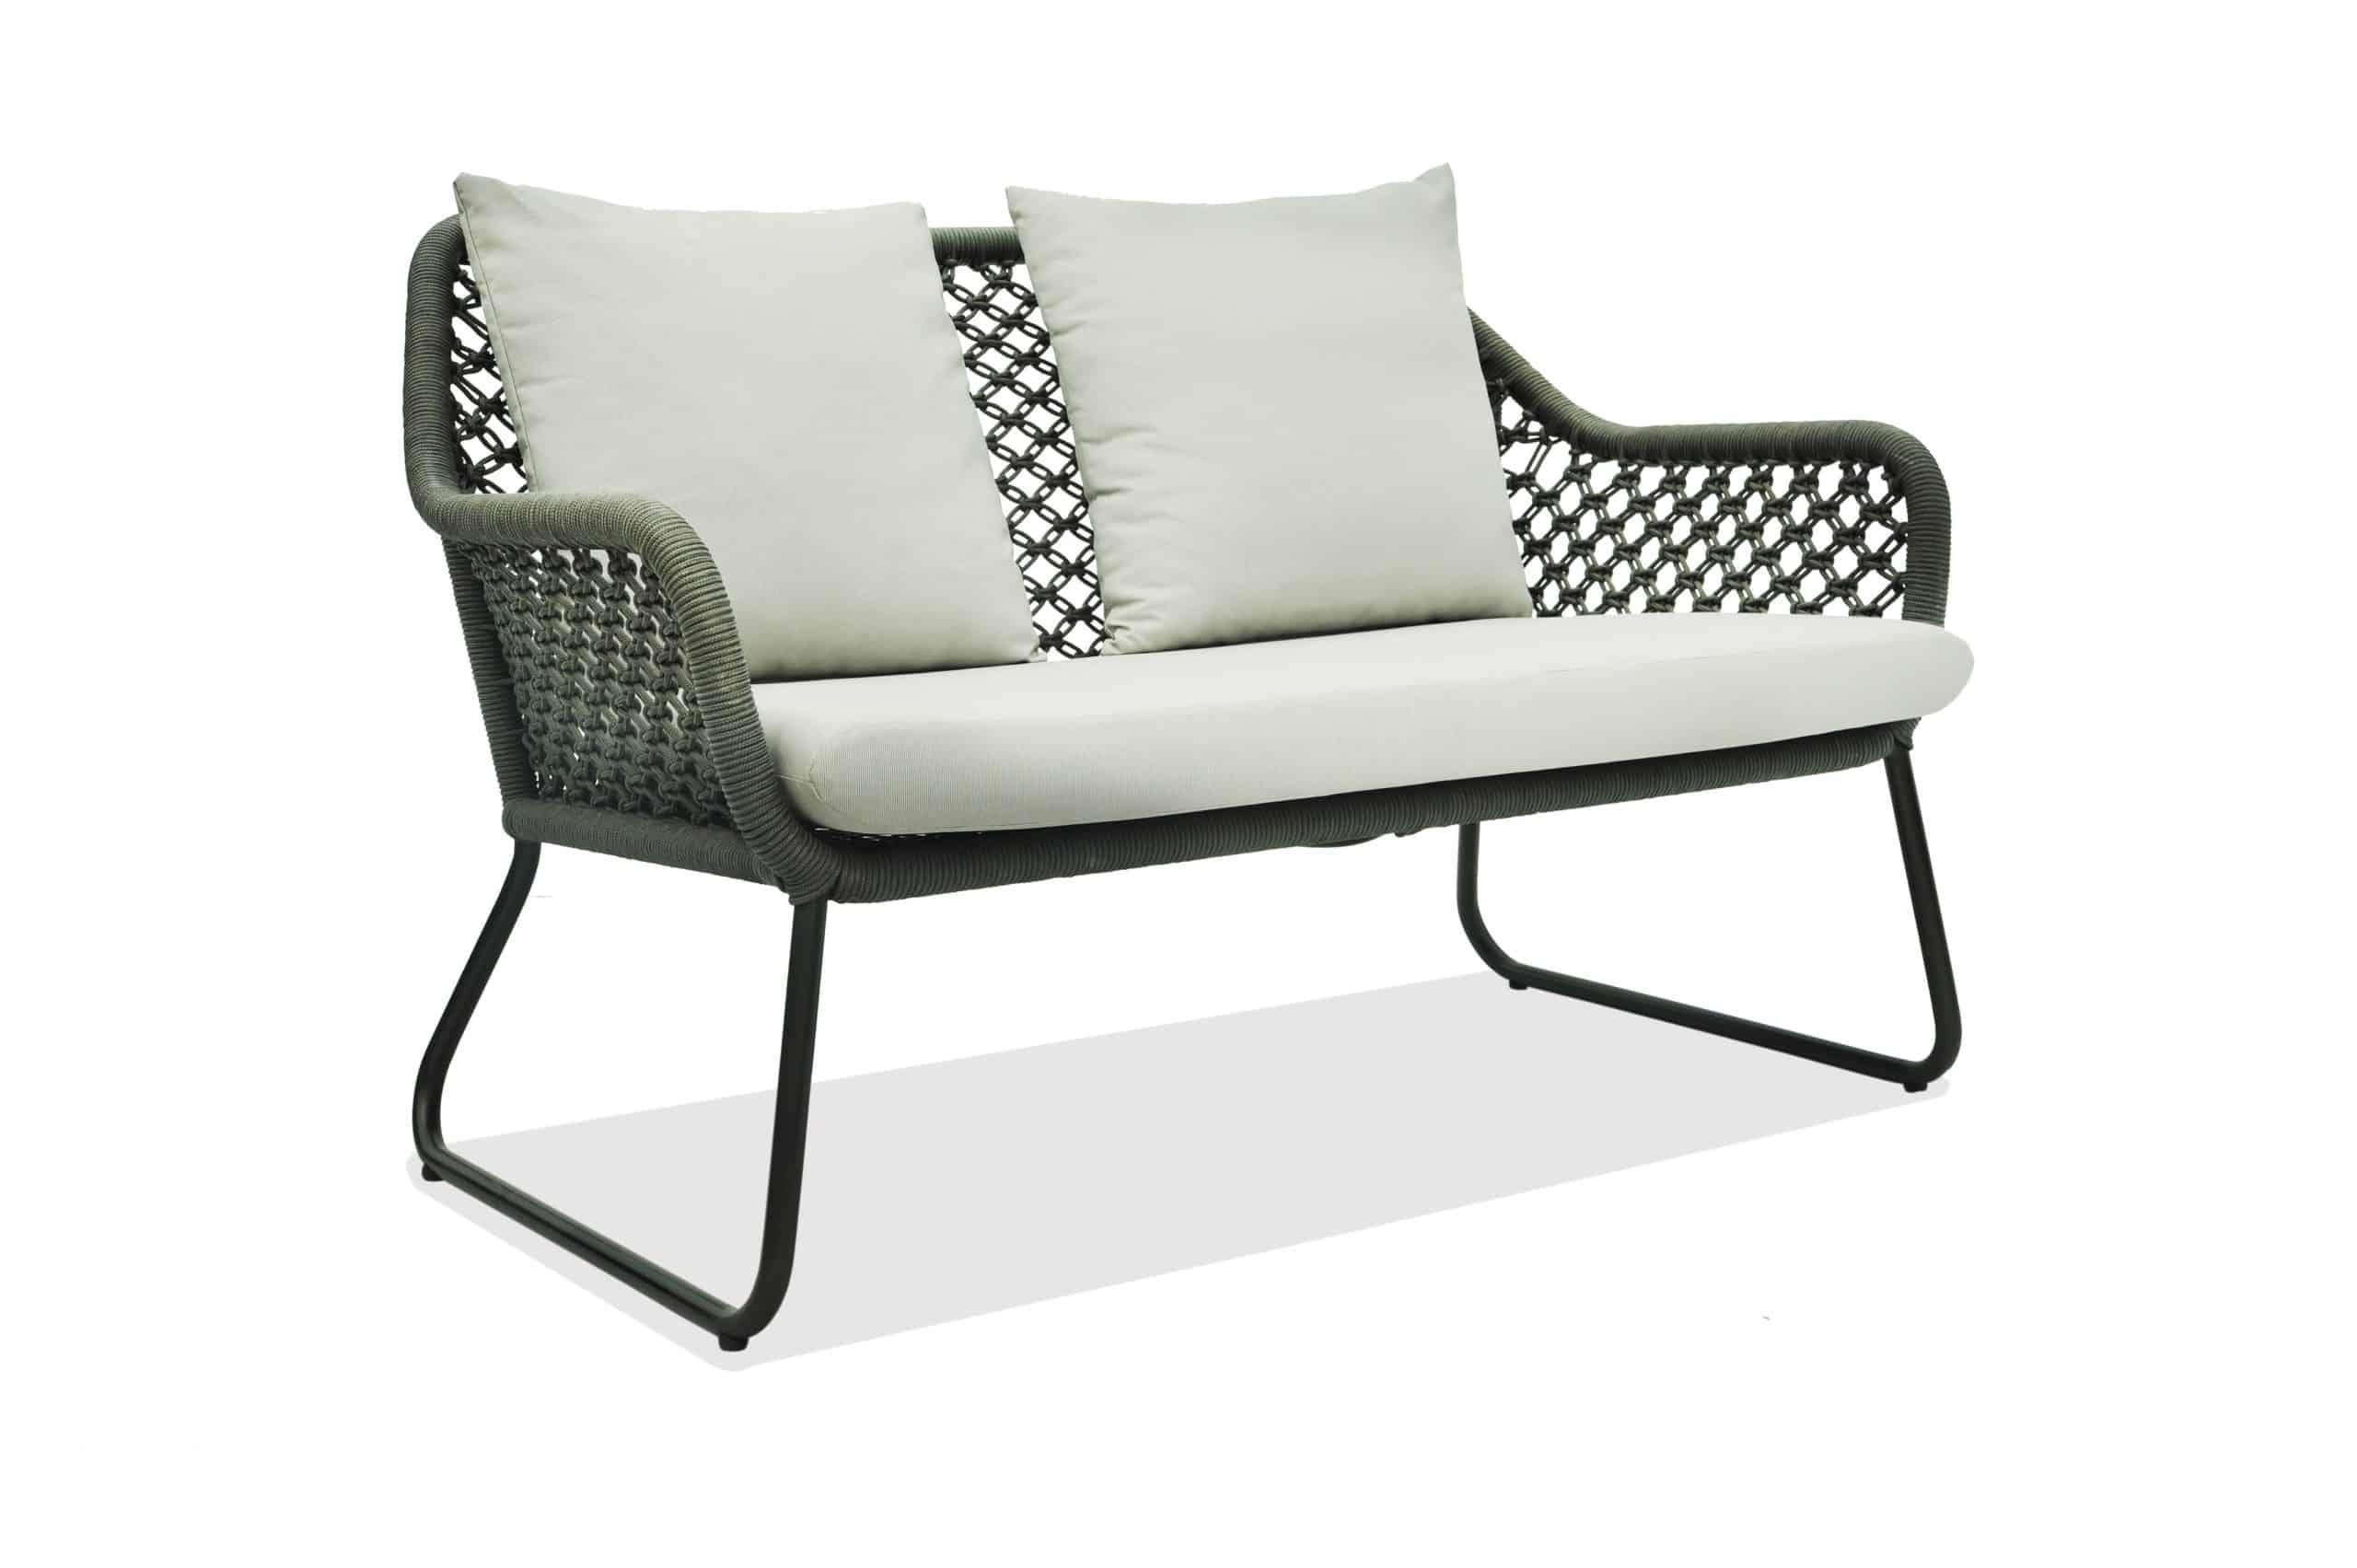 Palma Two Seater Outdoor Sofa Garden